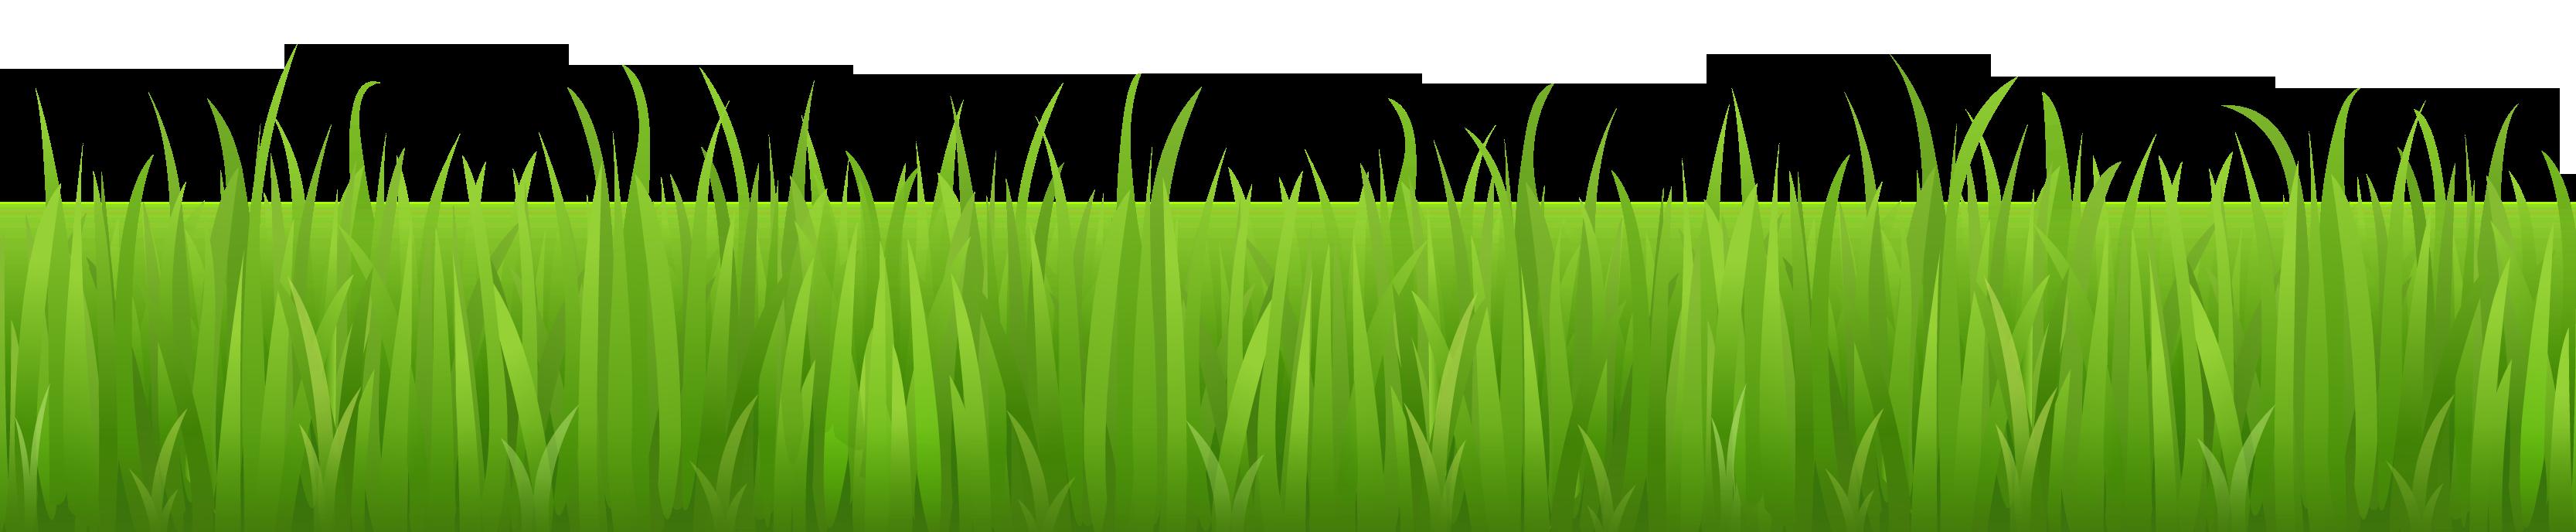 Field cloud grass background